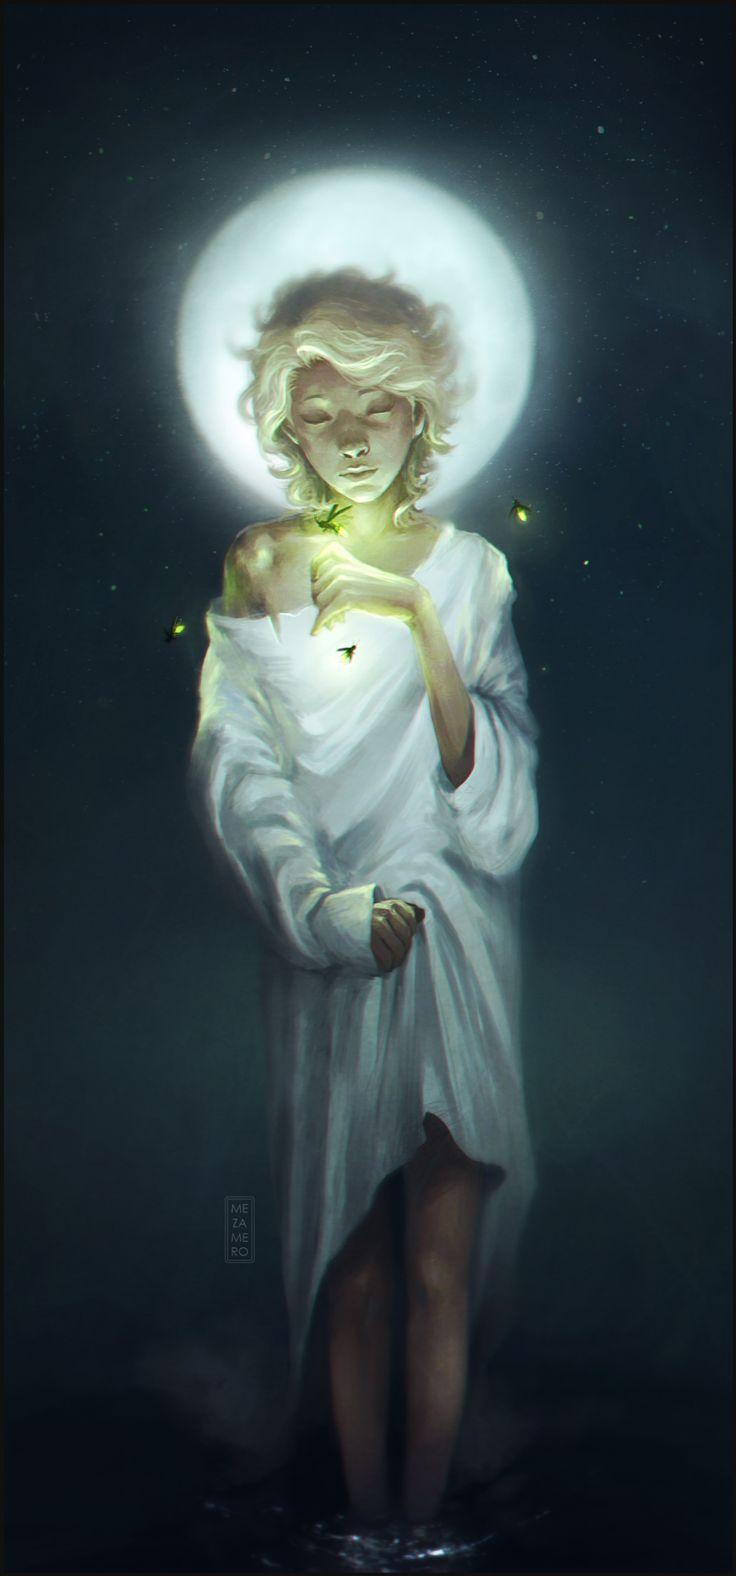 """""""Hijo de la luna"""" by *Mezamero. http://mezamero.deviantart.com/art/Hijo-de-la-luna-296488813"""